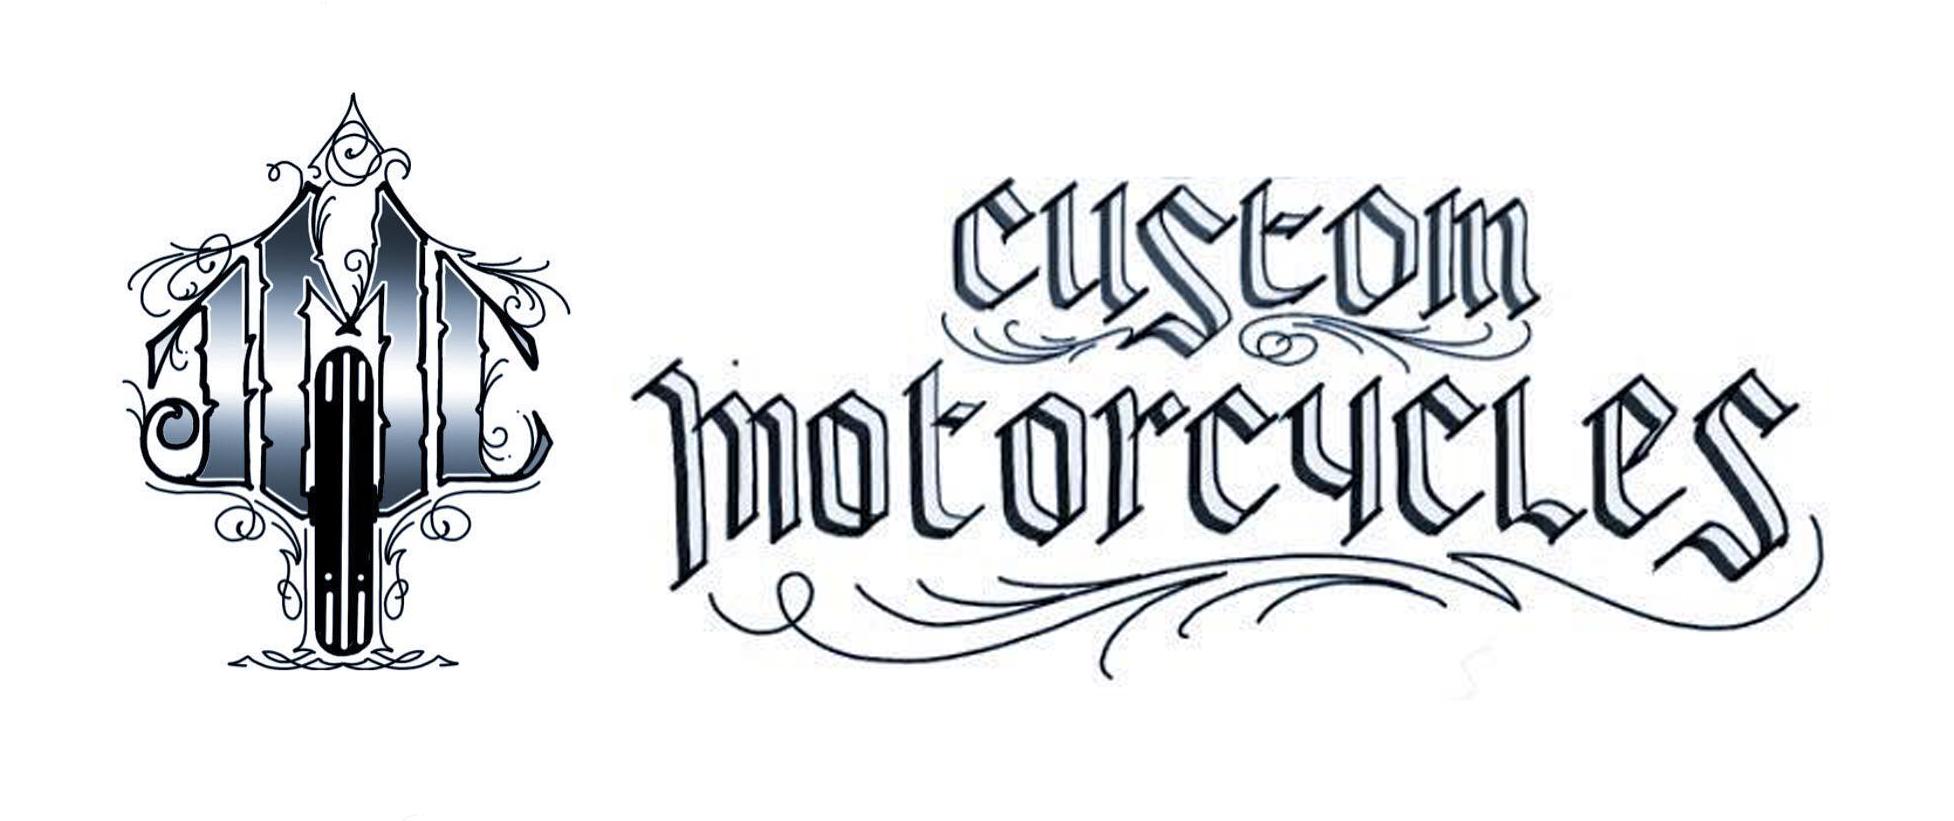 JMC Motorcycles